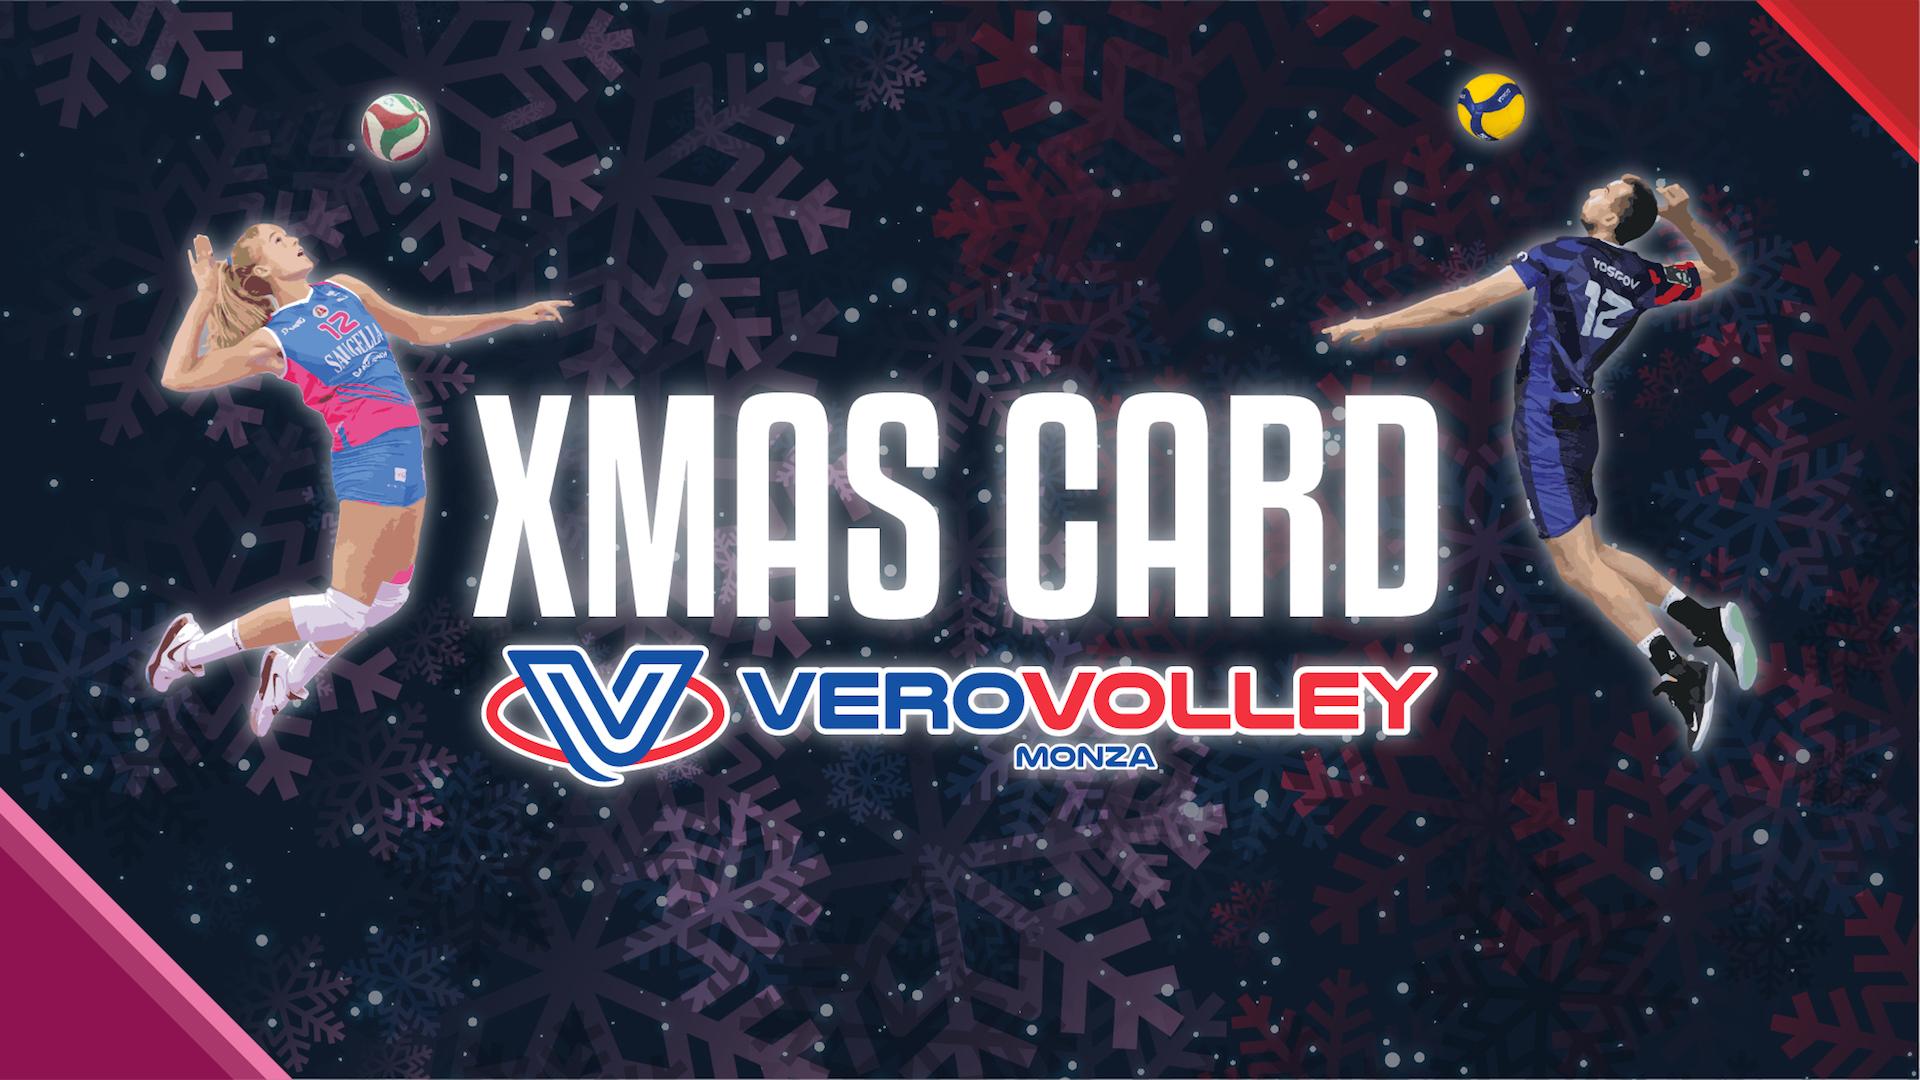 Natale si avvicina: vivilo con la Xmas Card Vero Volley!